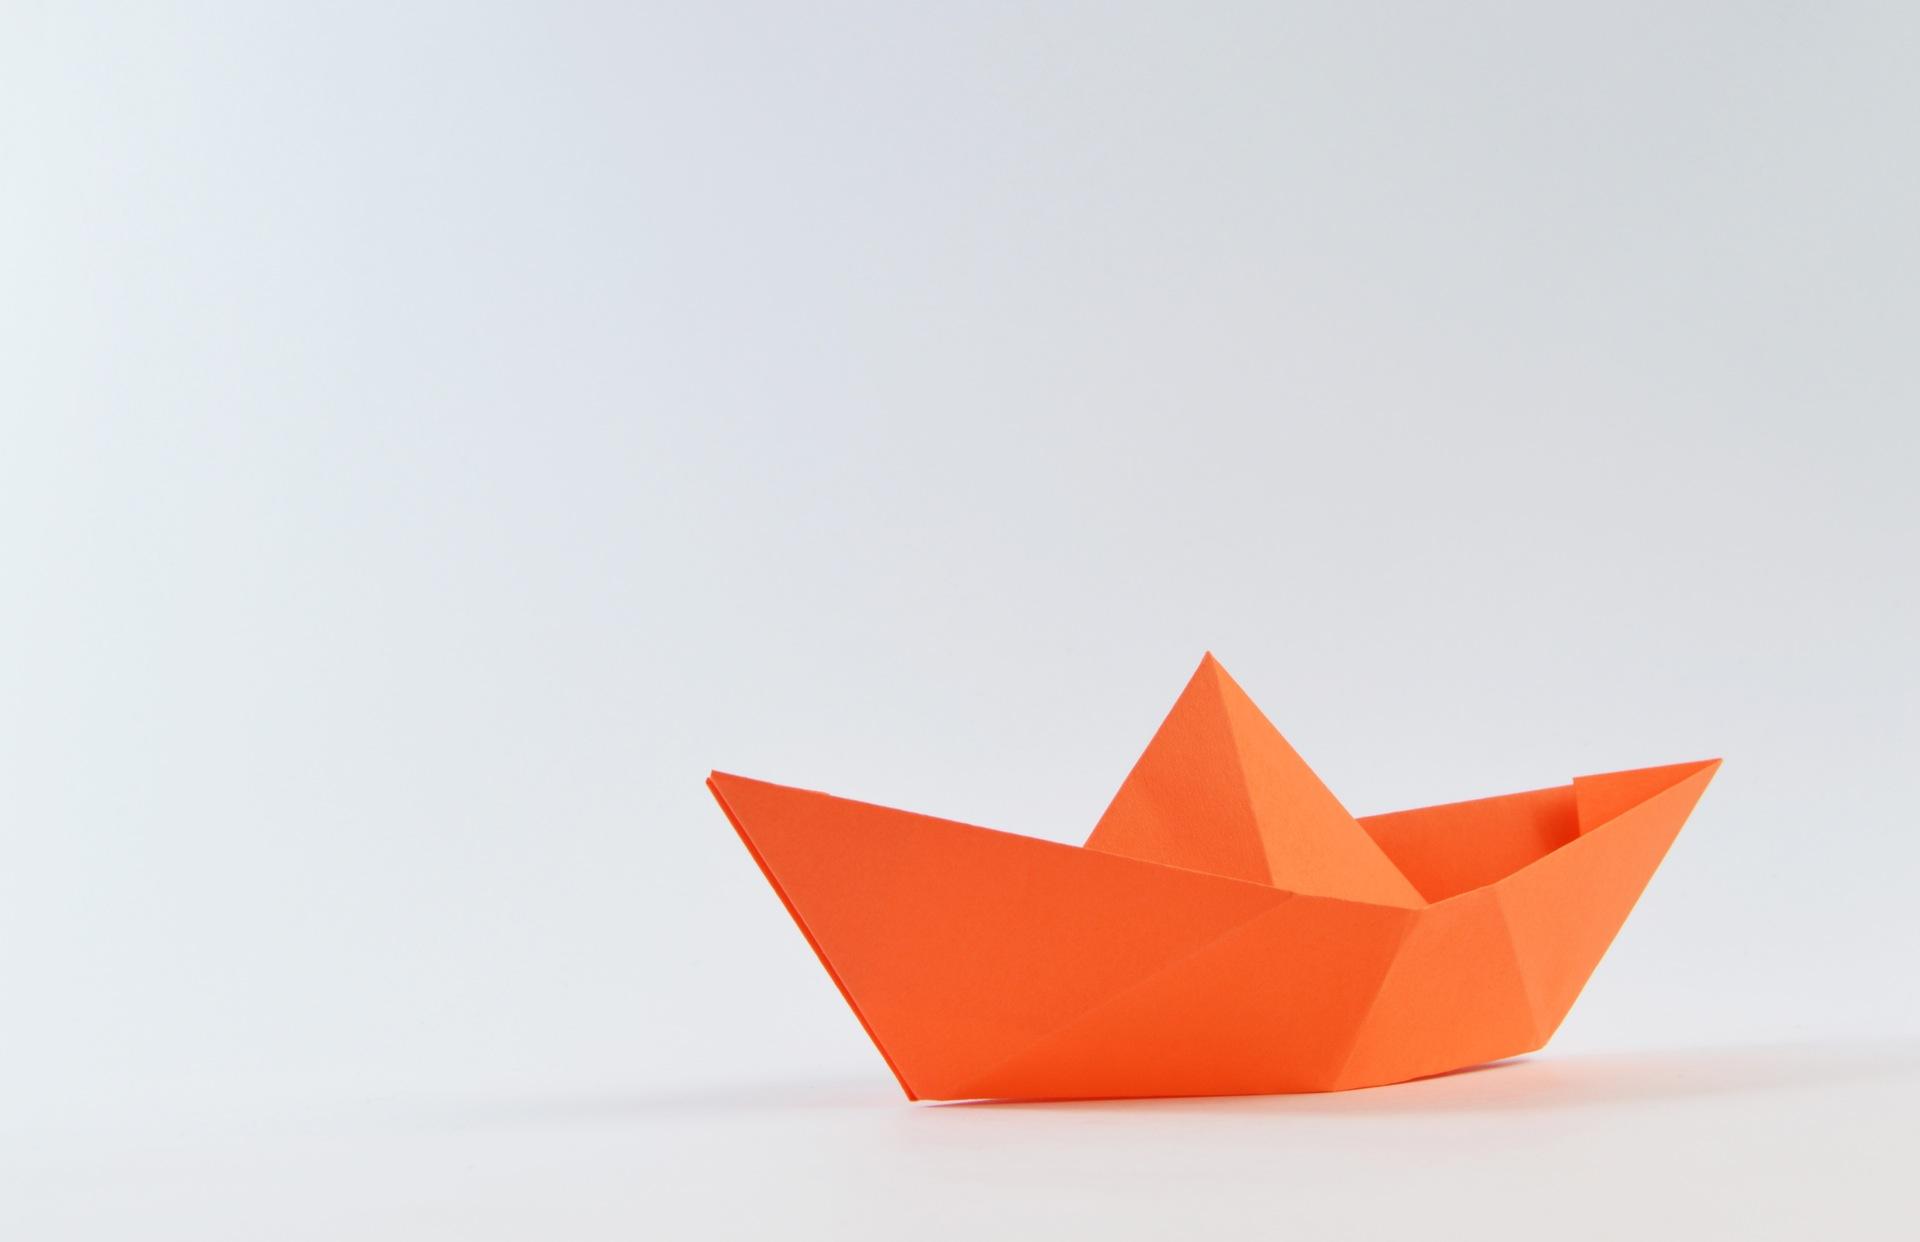 лодка, Бумага, минималистский, Оригами, Оранжевый - Обои HD - Профессор falken.com